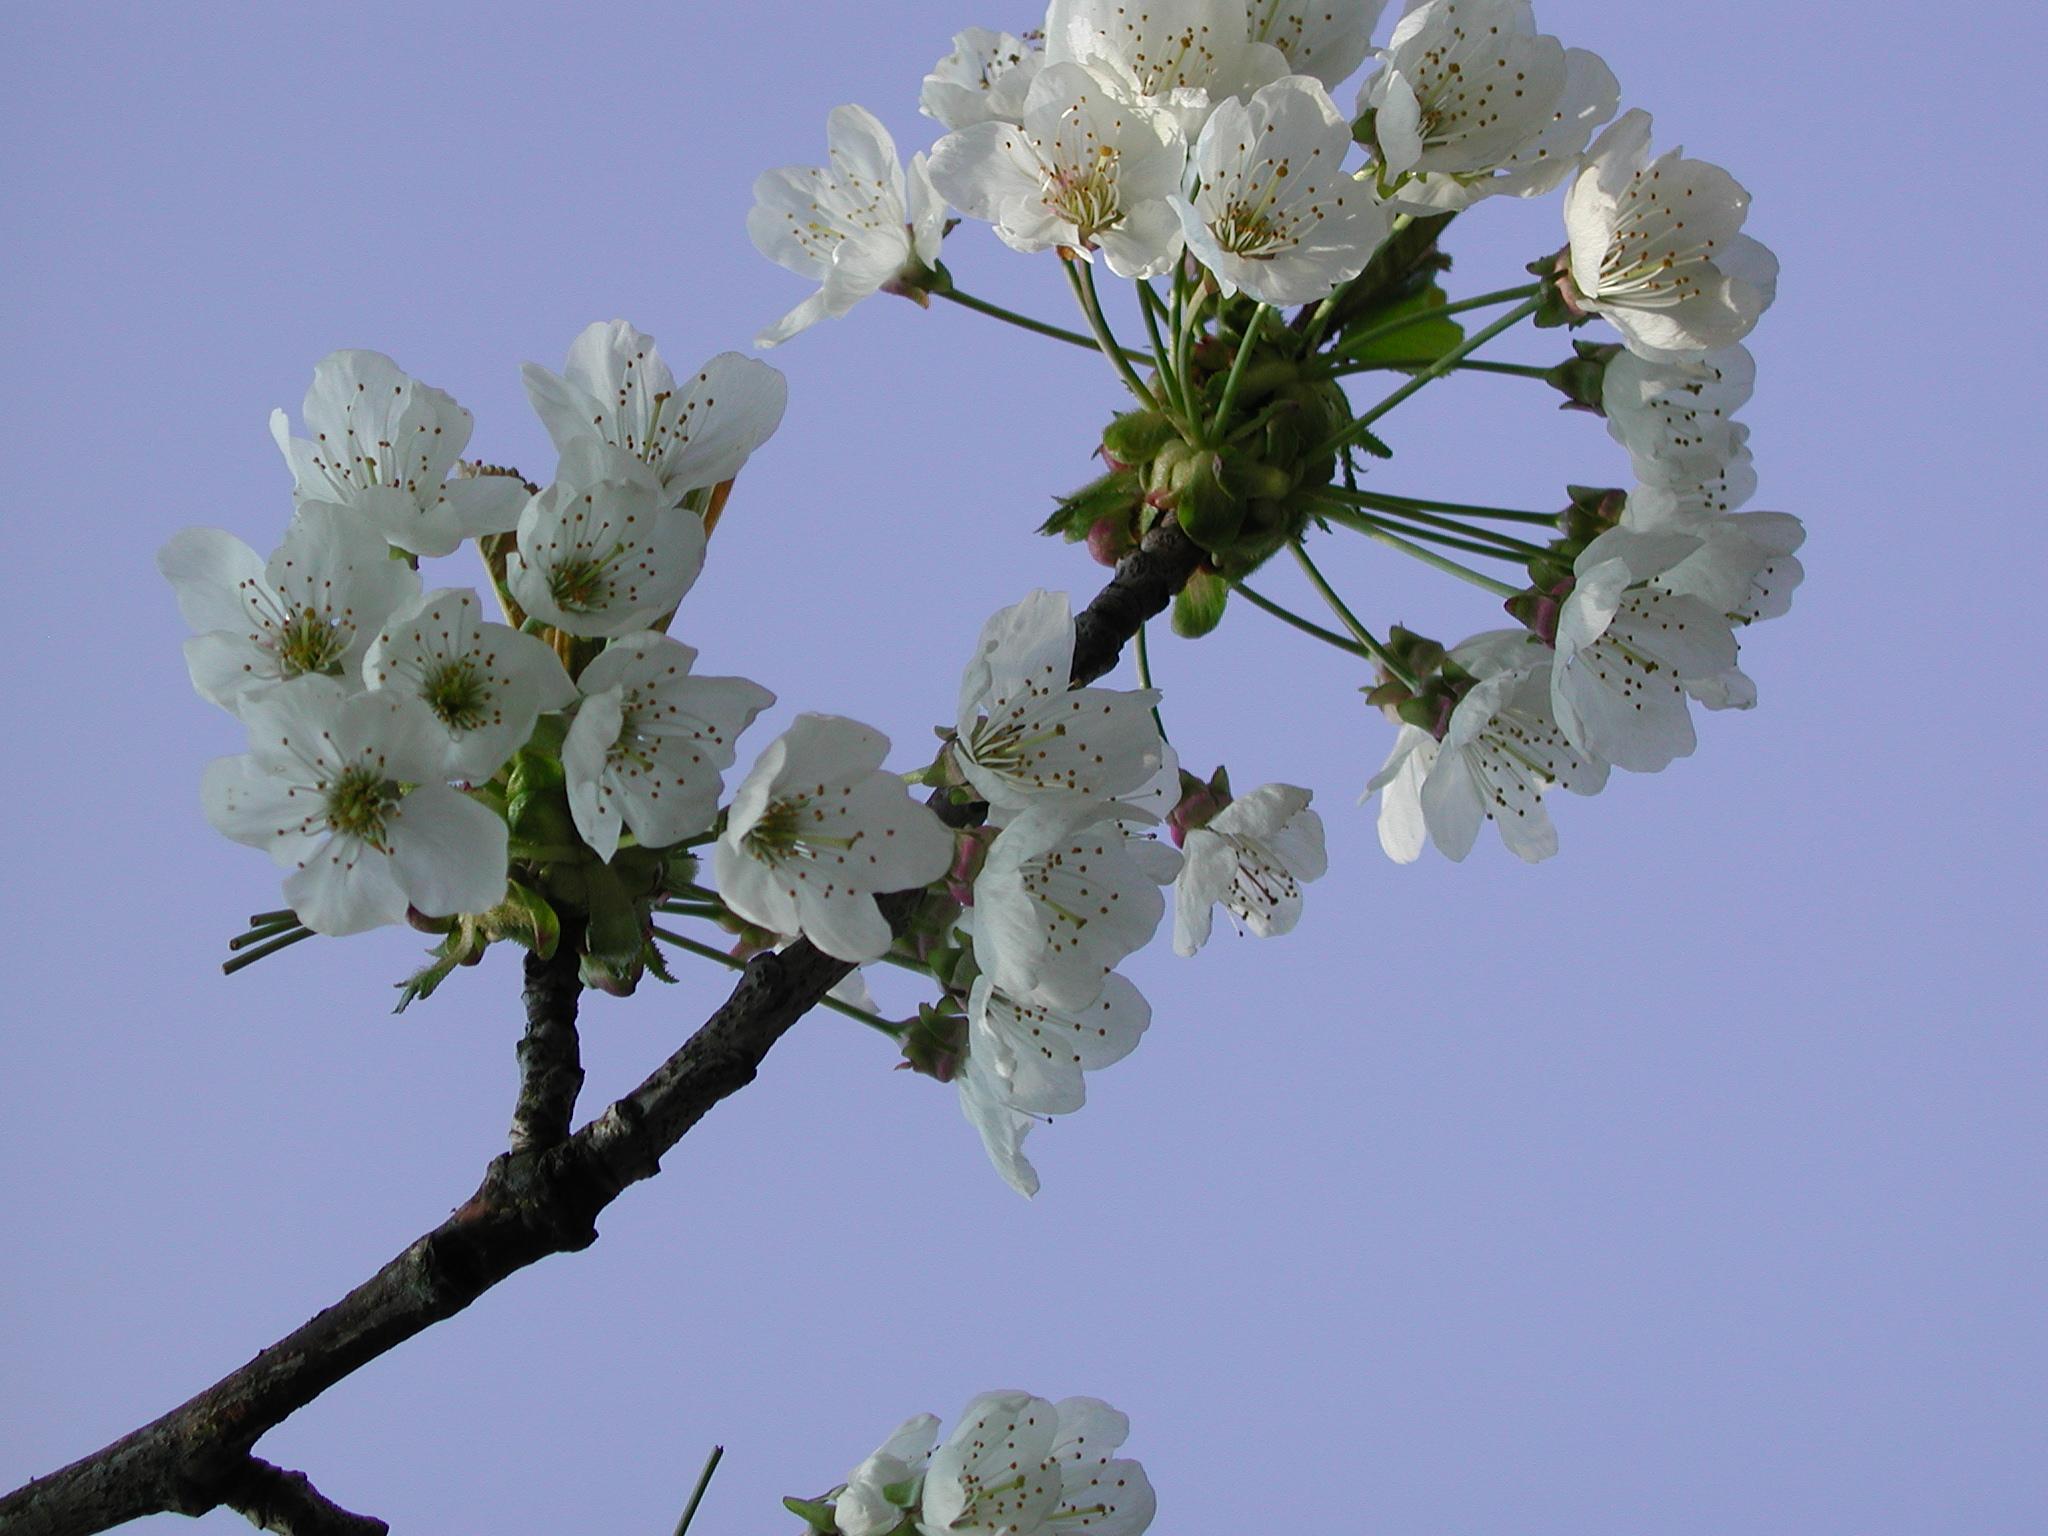 Ornamental Cherry Tree Blossom